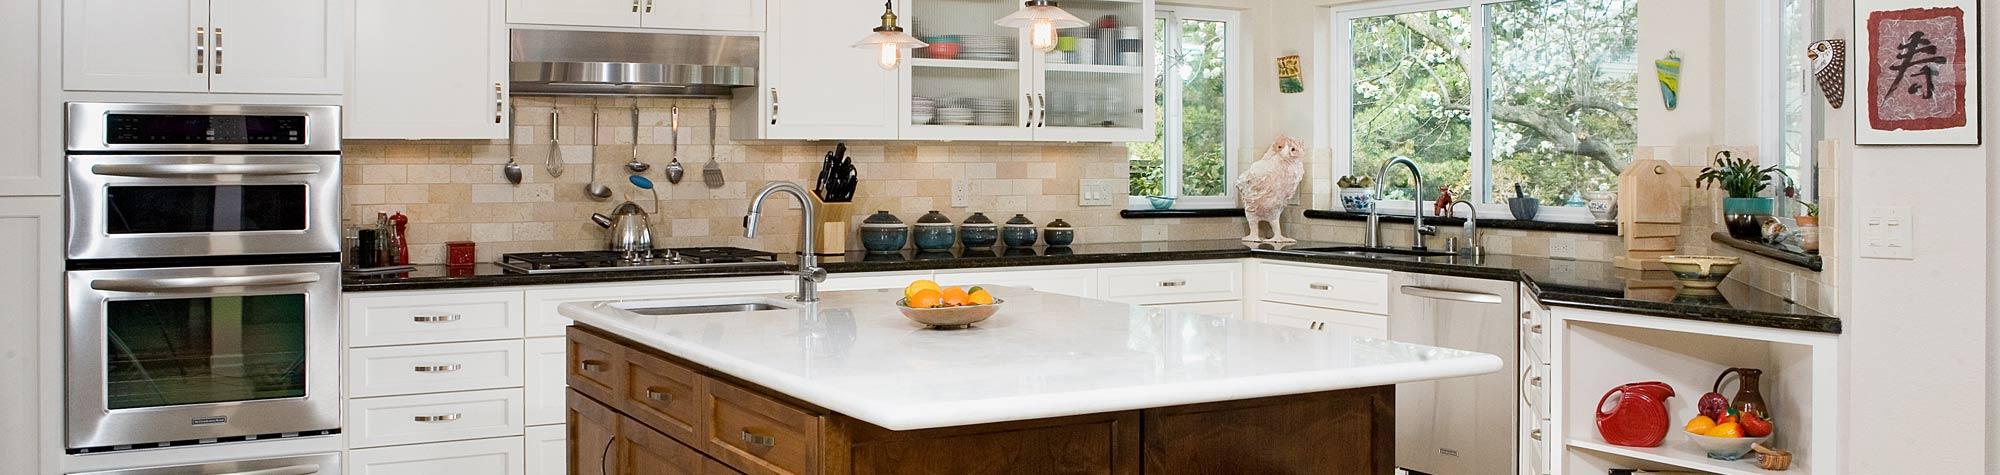 Missoula Custom Kitchen Remodels, CJ Remodeling